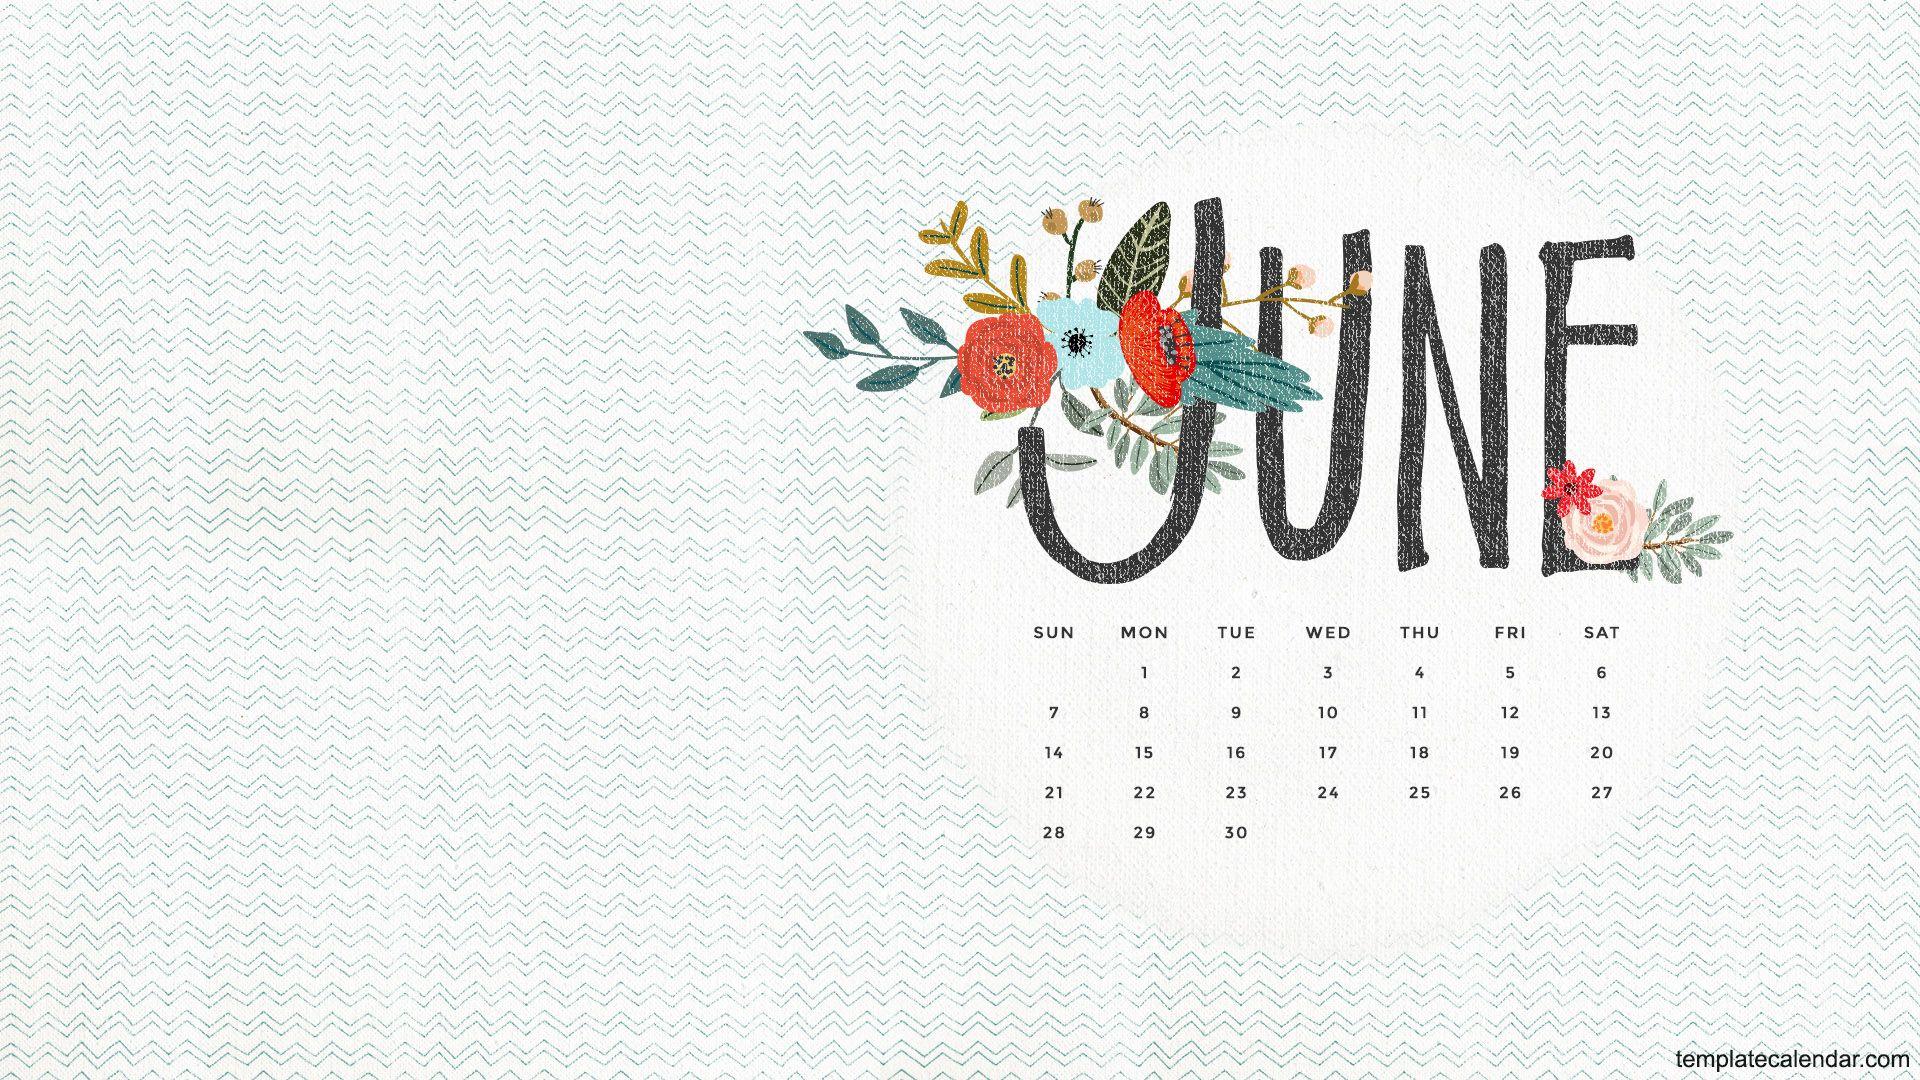 40 2017 January Calendar Wallpapers   Download at WallpaperBro 1920x1080